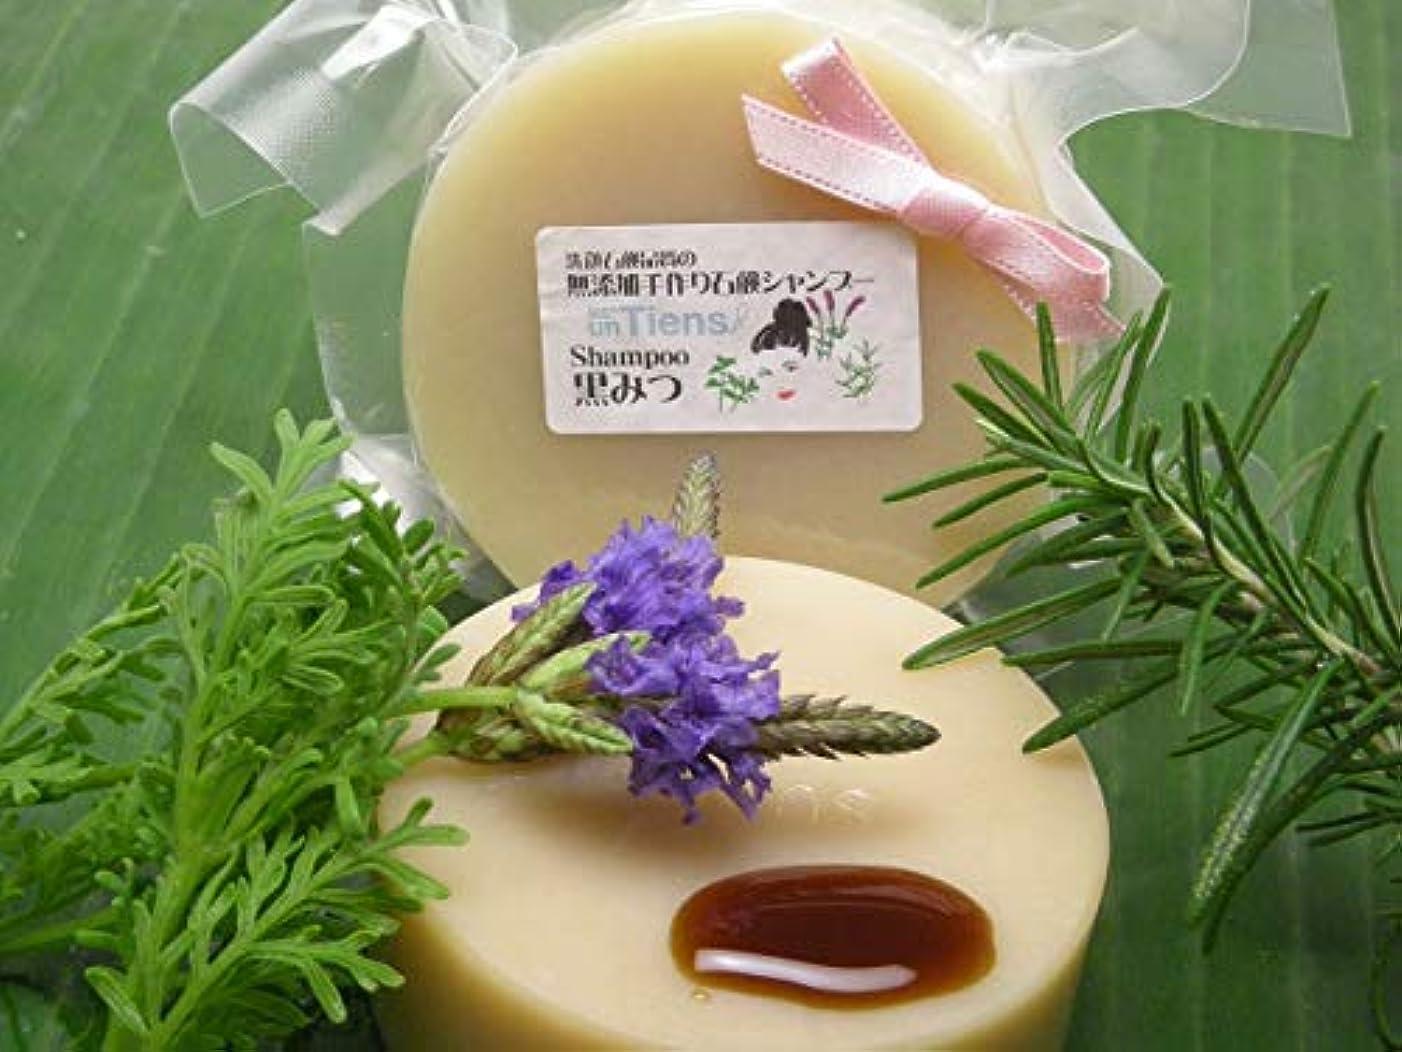 地震成熟ロケーション洗顔石鹸品質の無添加手作り固形石鹸シャンプー 「黒みつ」たっぷり使える丸型 お得な3個セット300g